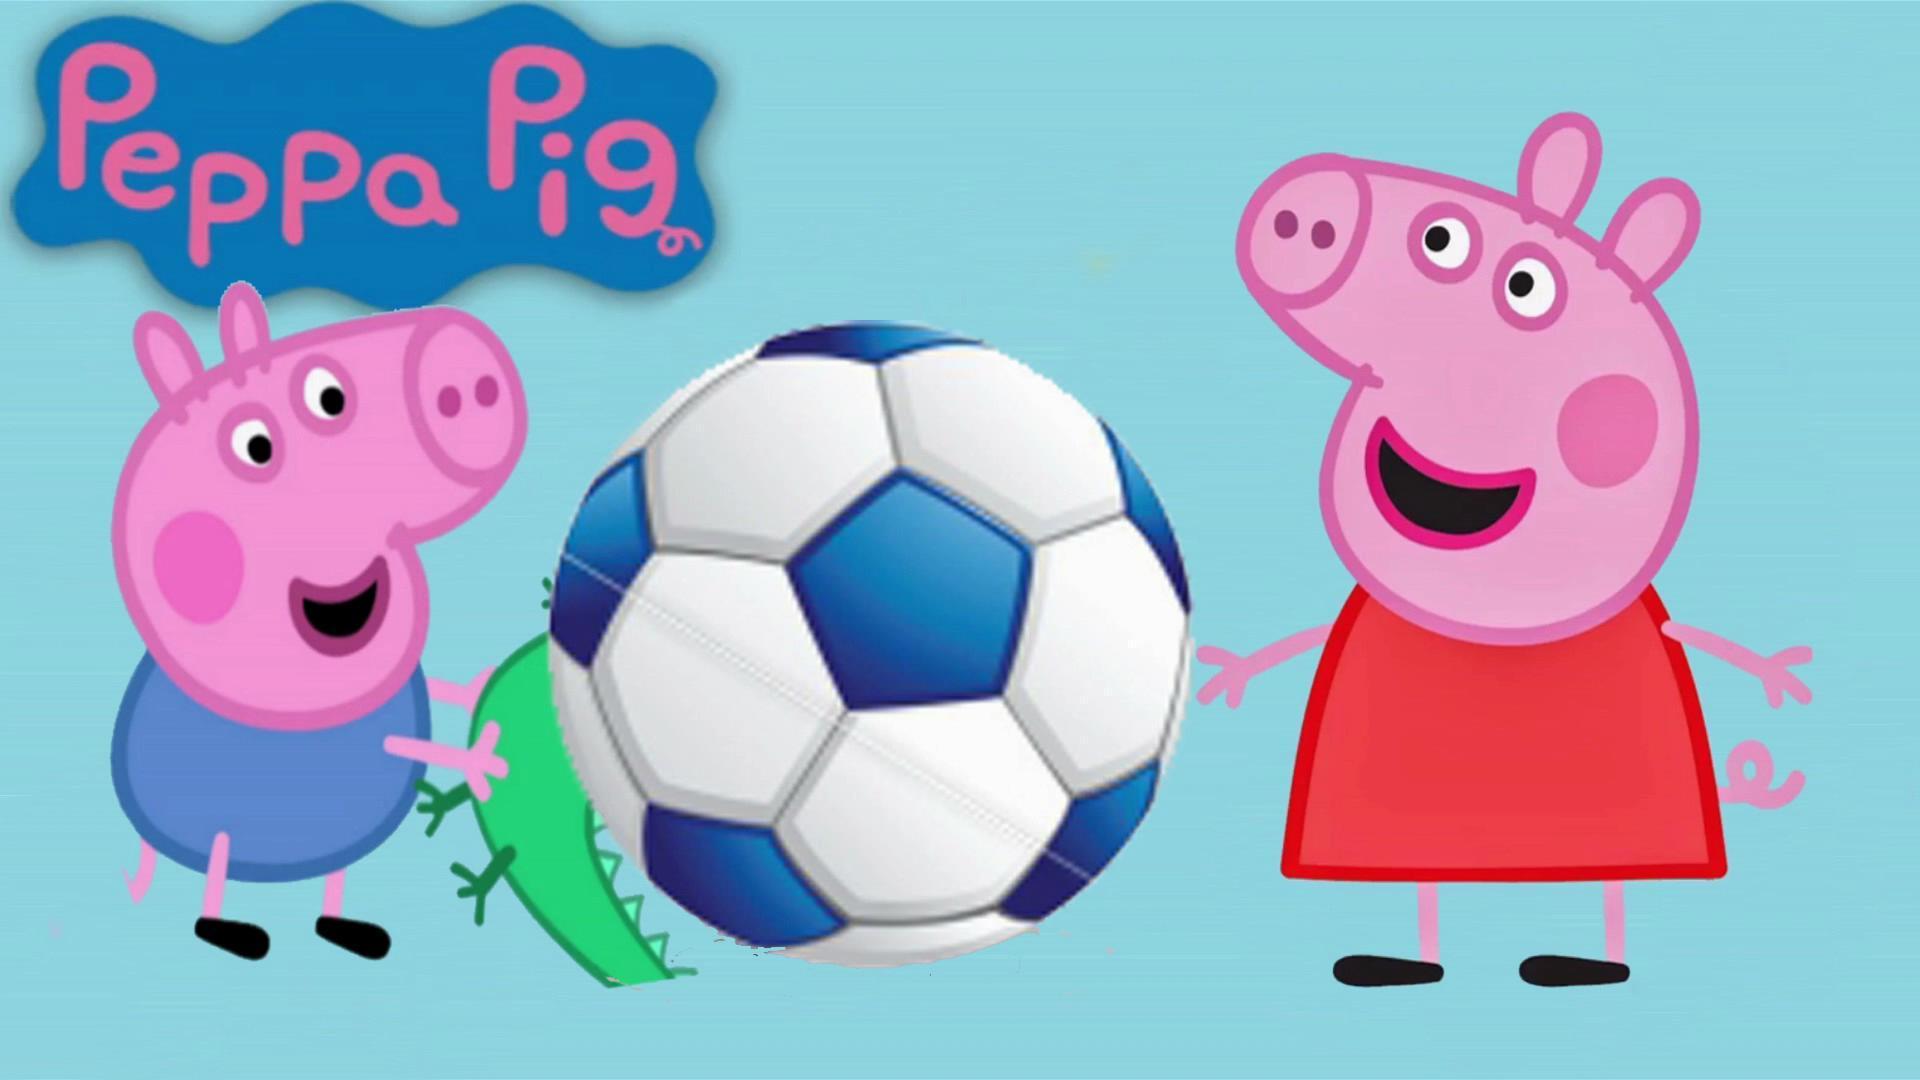 小猪佩奇之乔治弟弟猪爸爸足球比赛